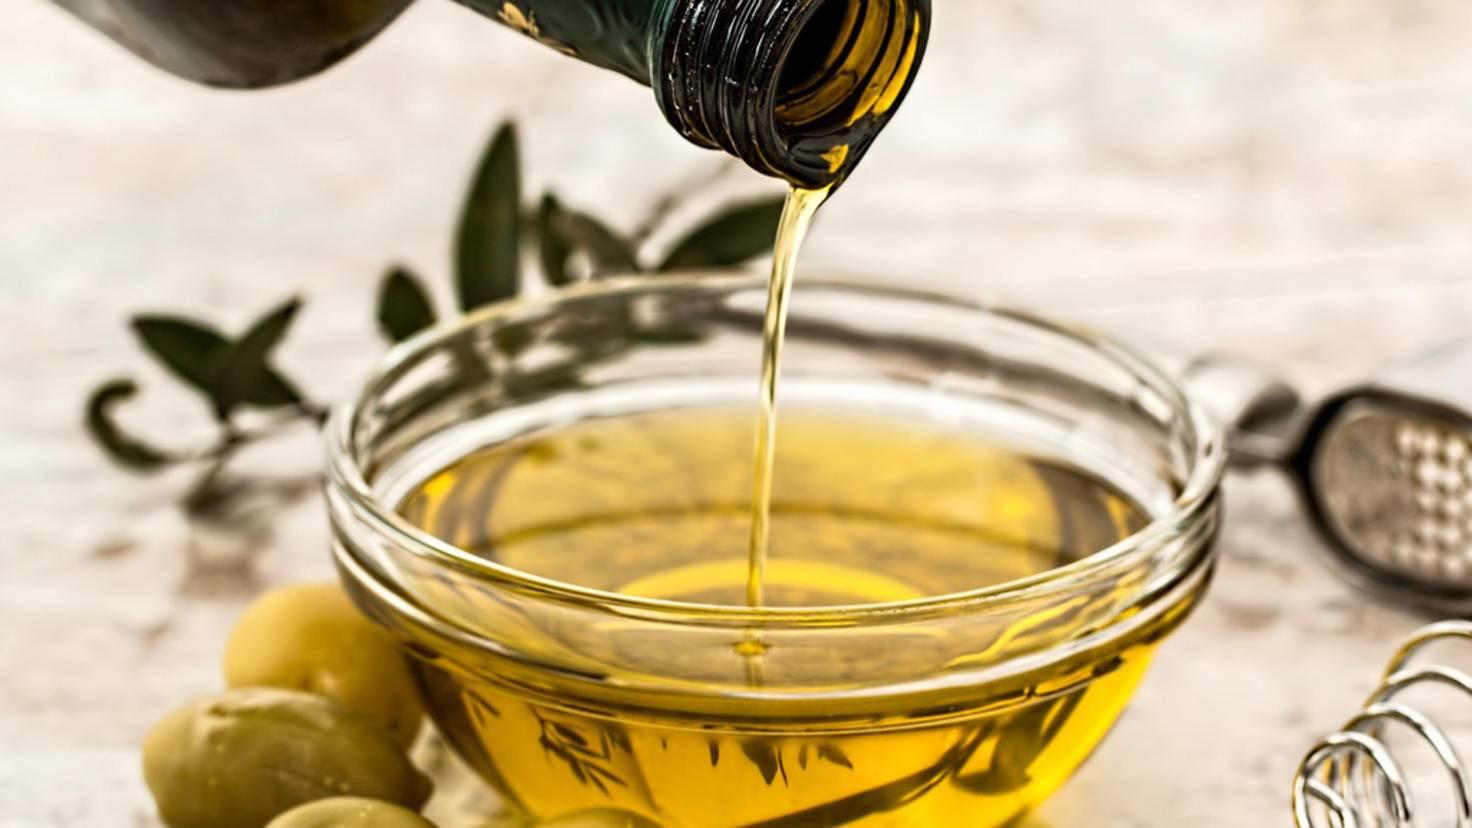 Olivenöl wird bei Kälte hart und ist dann nicht zu gebrauchen.